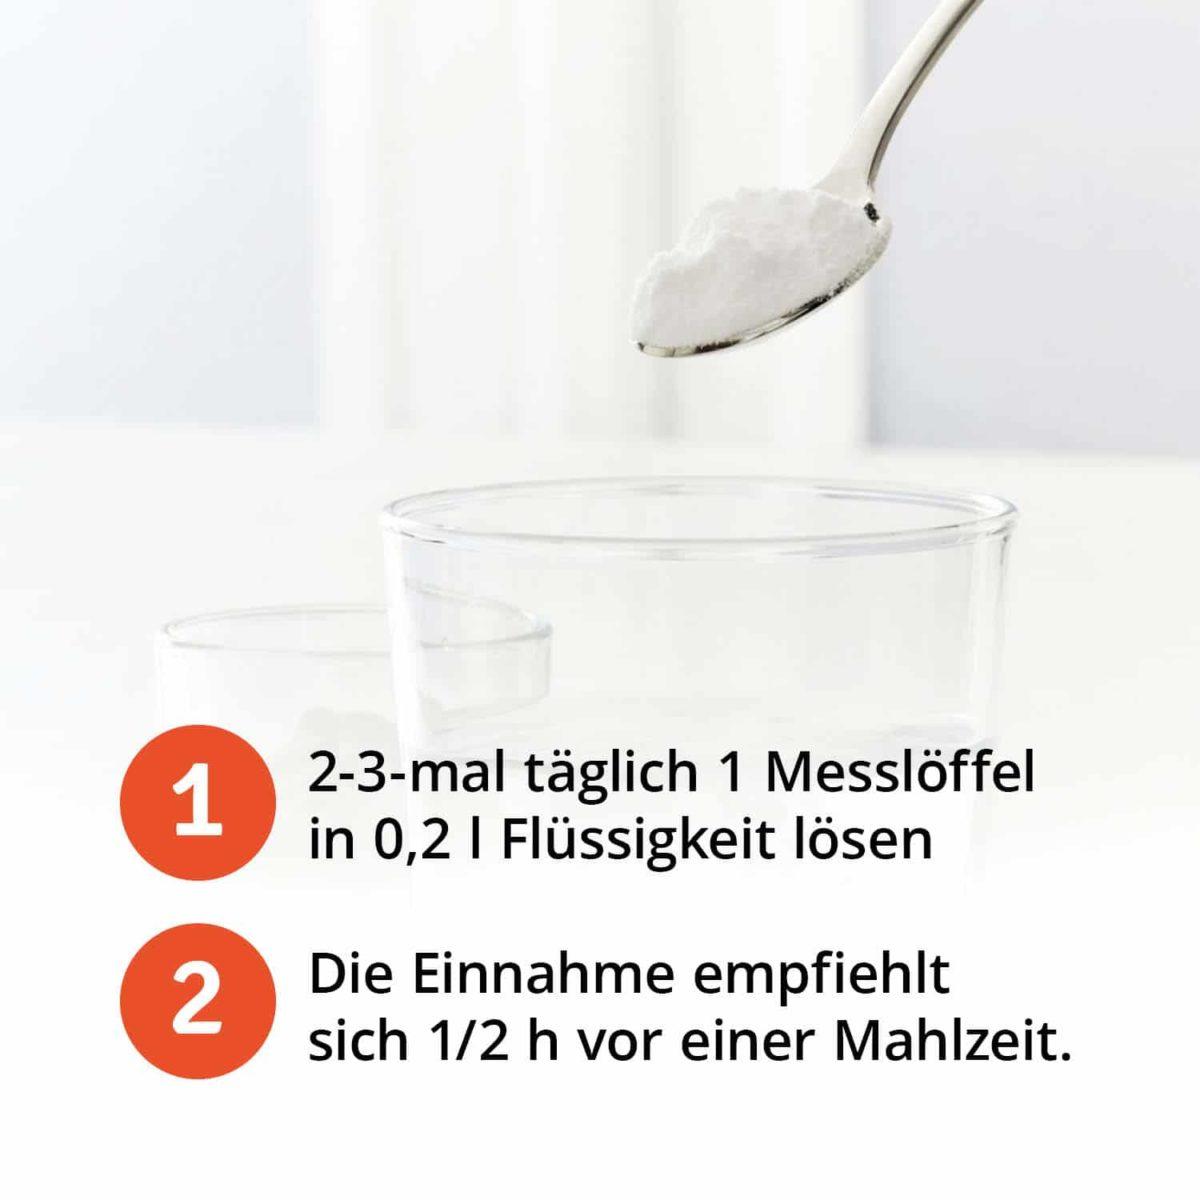 Casida Collagen Pulver Kollagen Hydrolysat Peptide Rind – 480 g 15266086 PZN Apotheke Peptide Typ I II III Eiweiß Shake trinken Gelenke Anti-Aging6